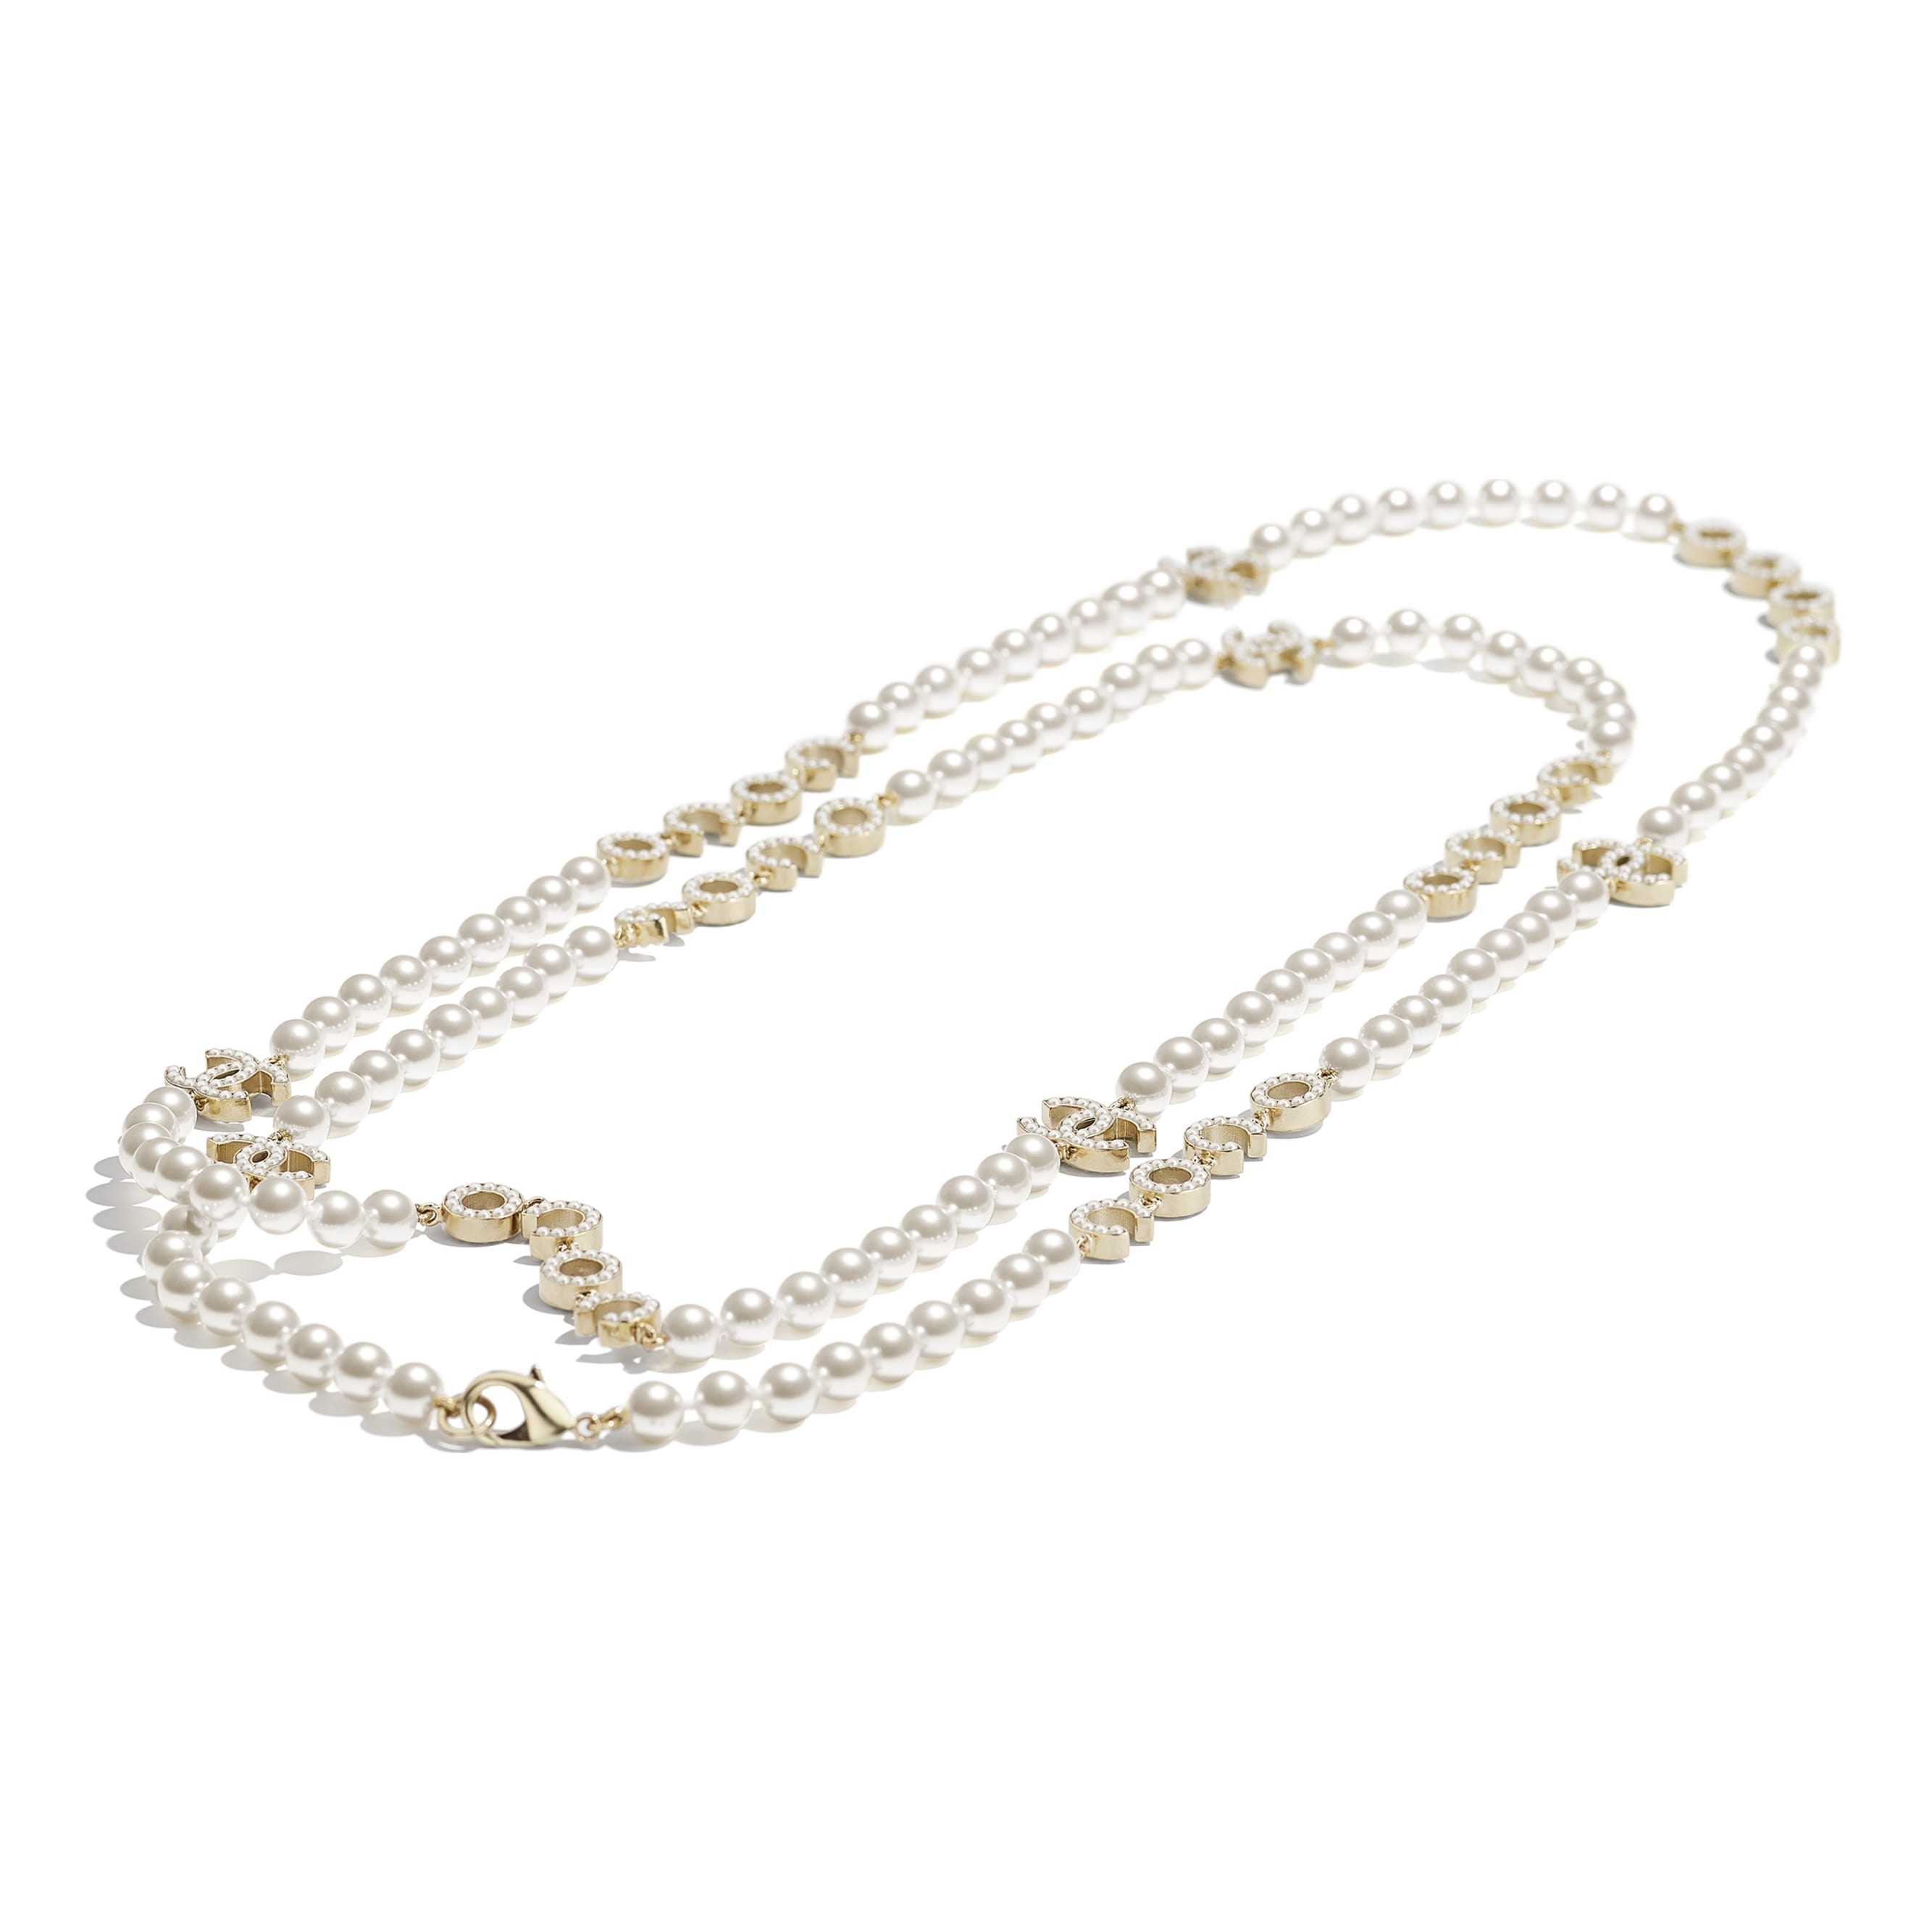 Długi naszyjnik - Kolor złoty i perłowobiały - Metal i szklane perły - CHANEL - Widok alternatywny – zobacz w standardowym rozmiarze